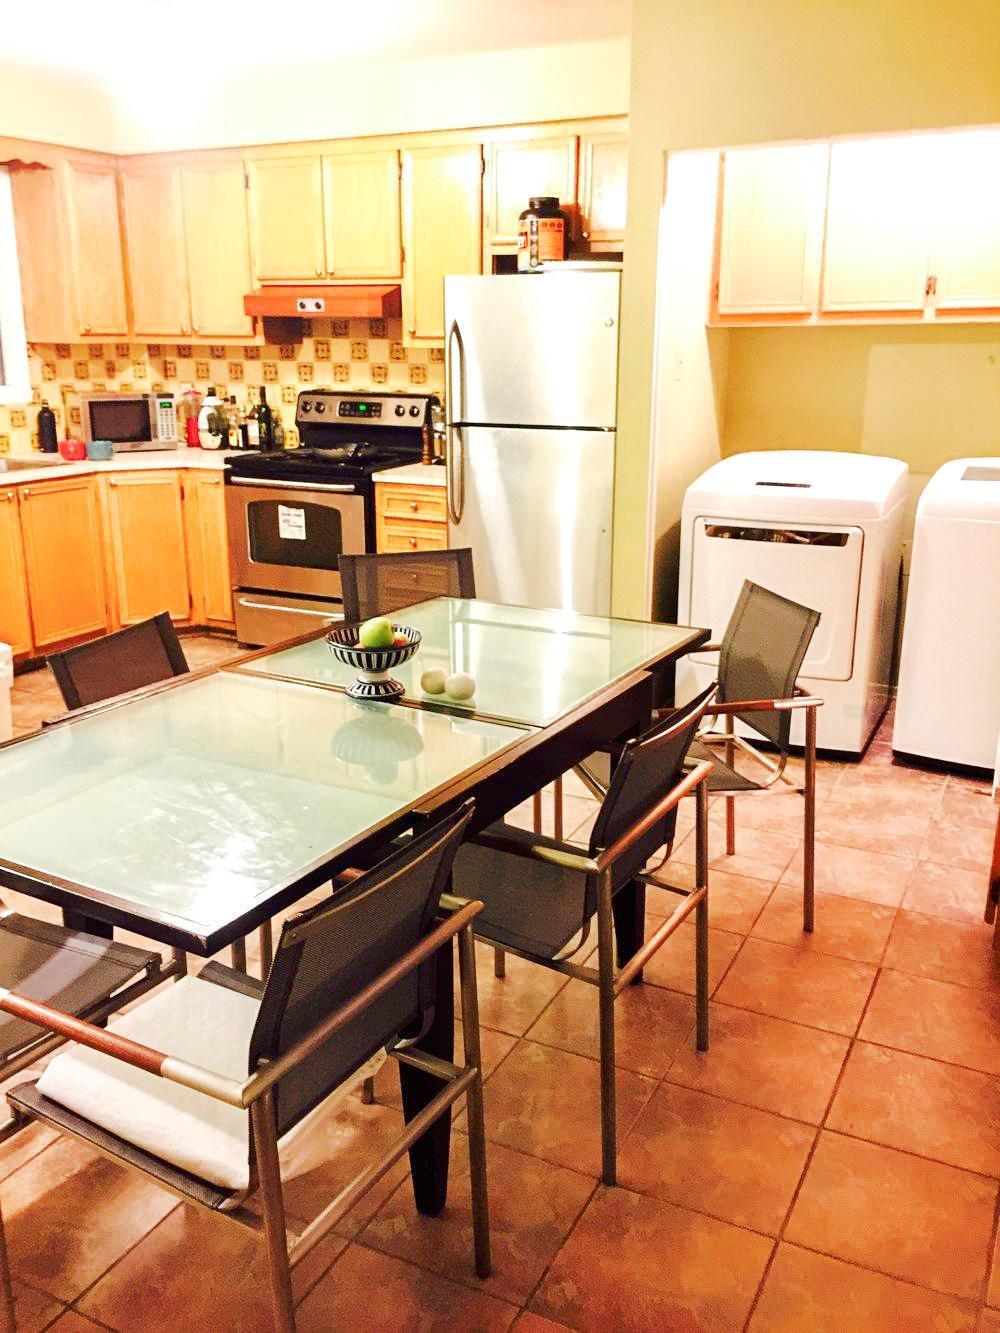 40 kitchen 2